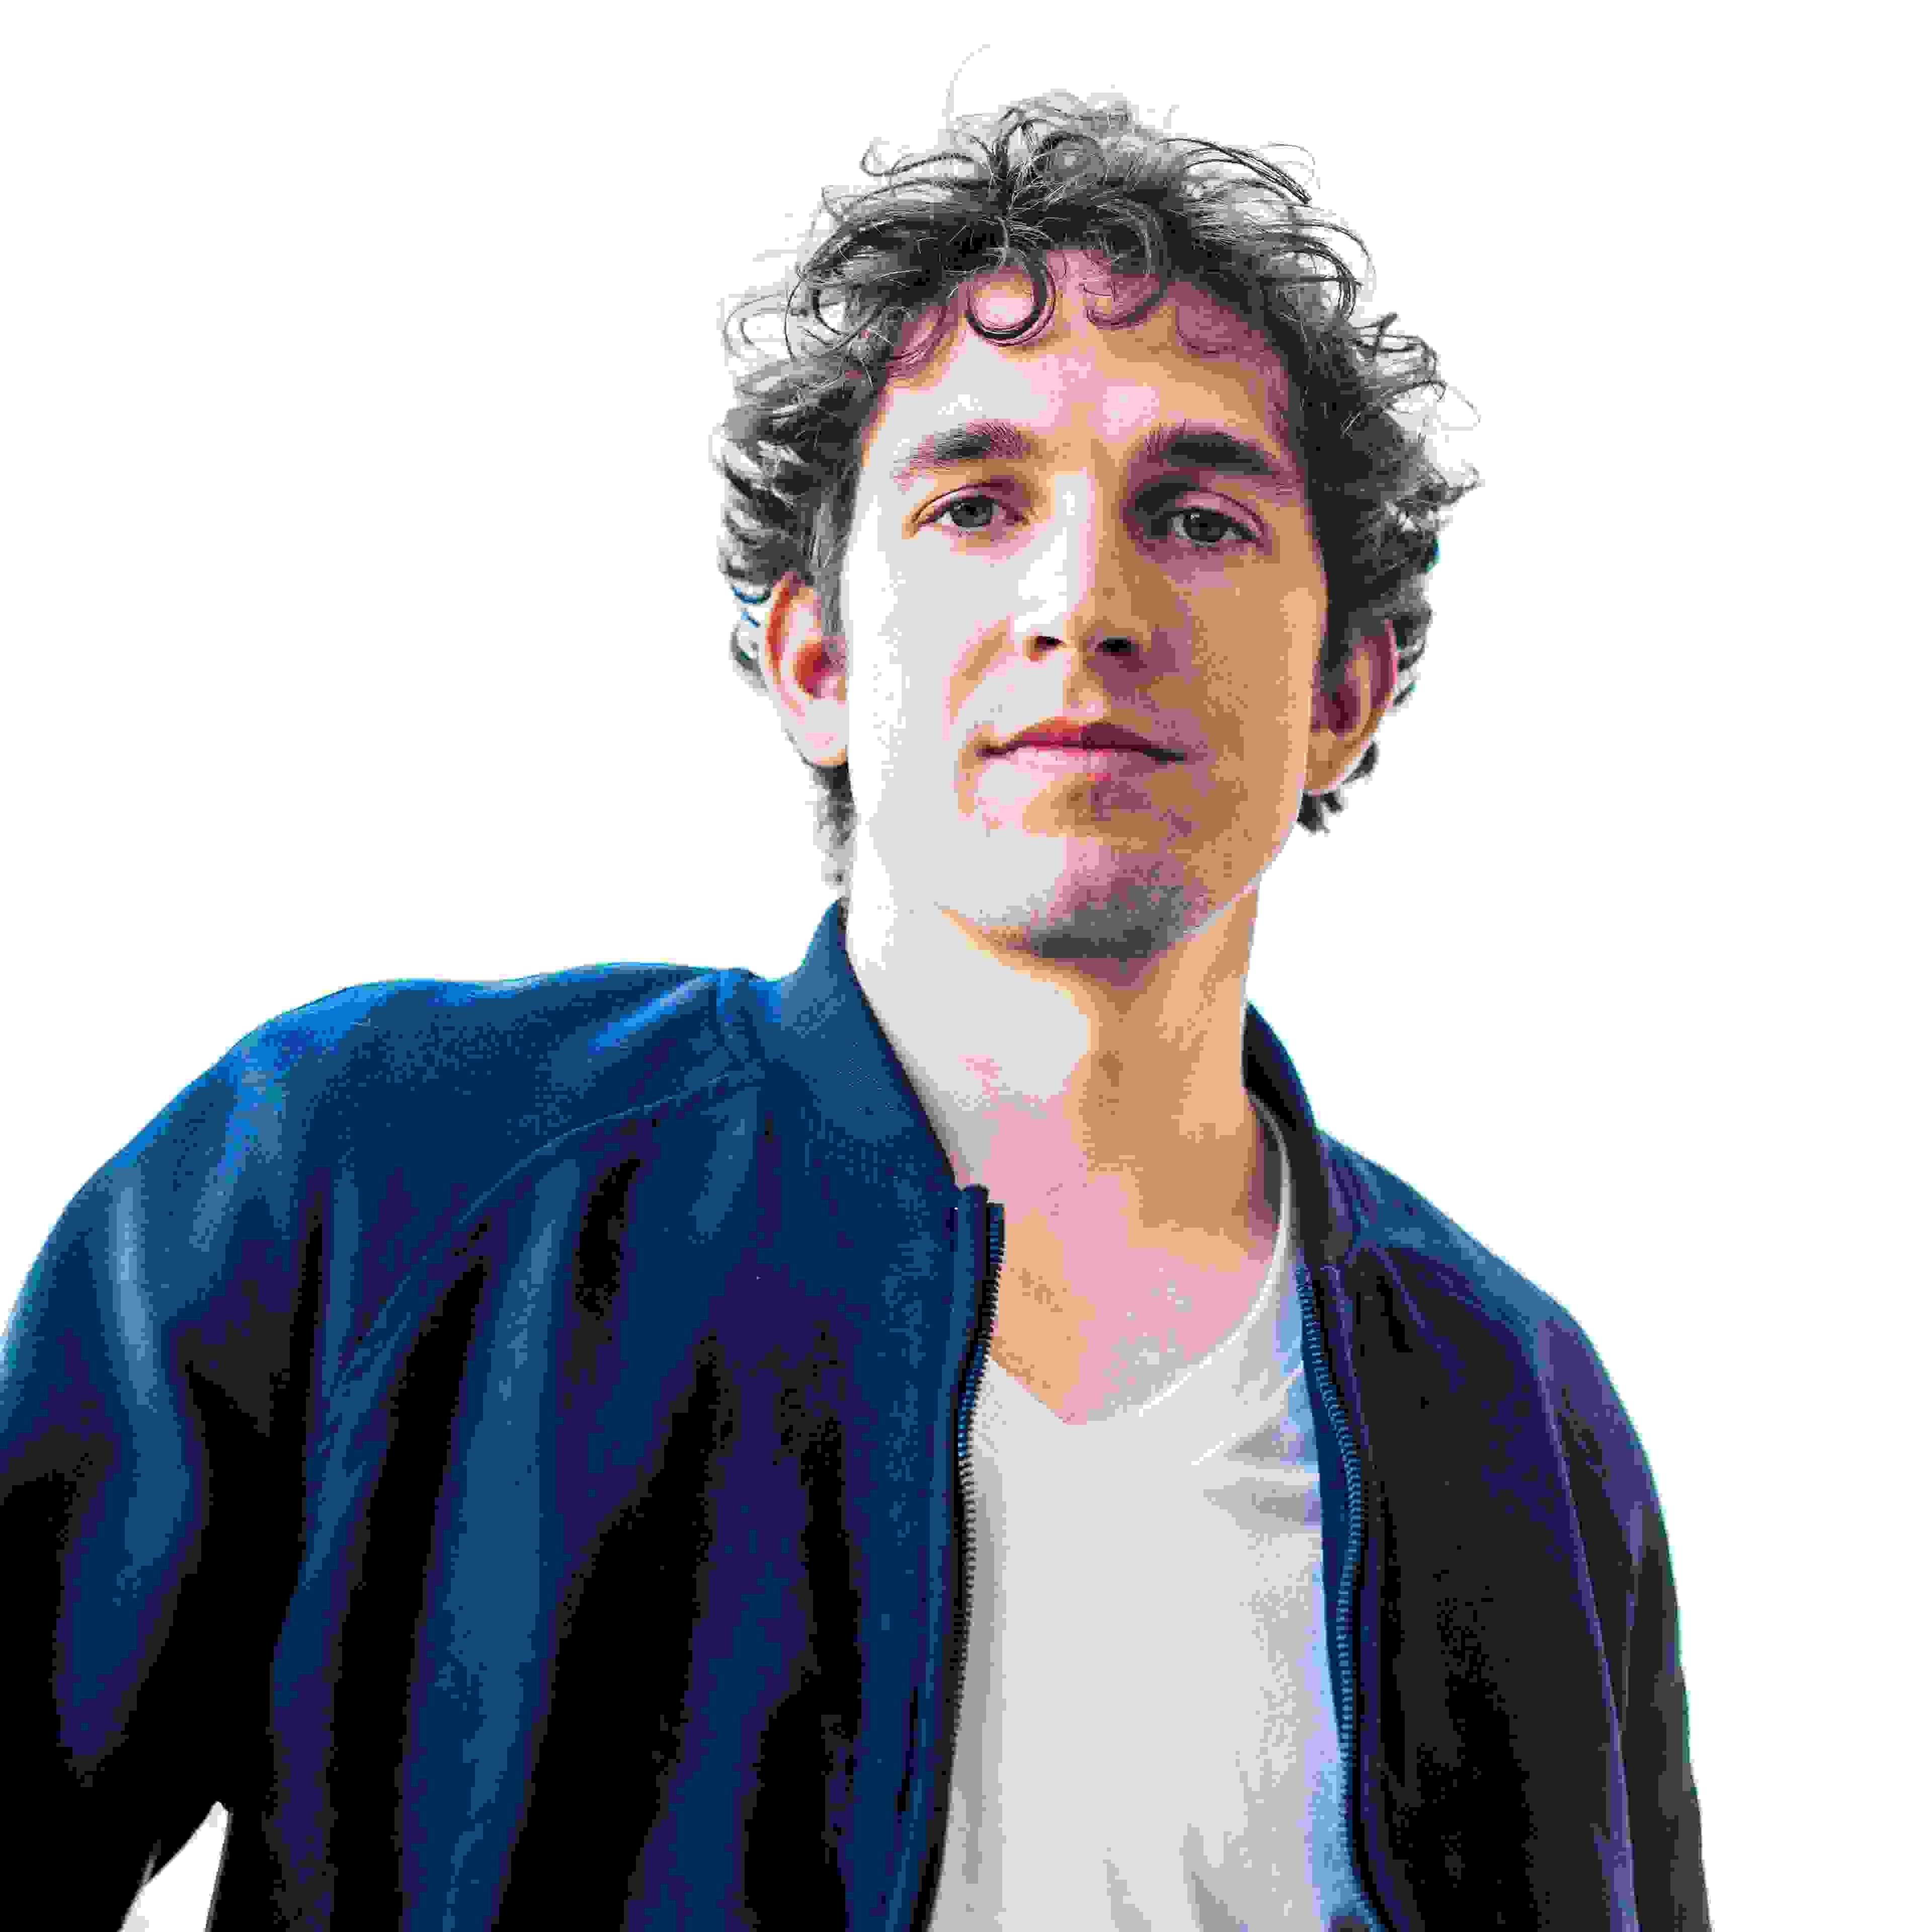 Alec Luhn